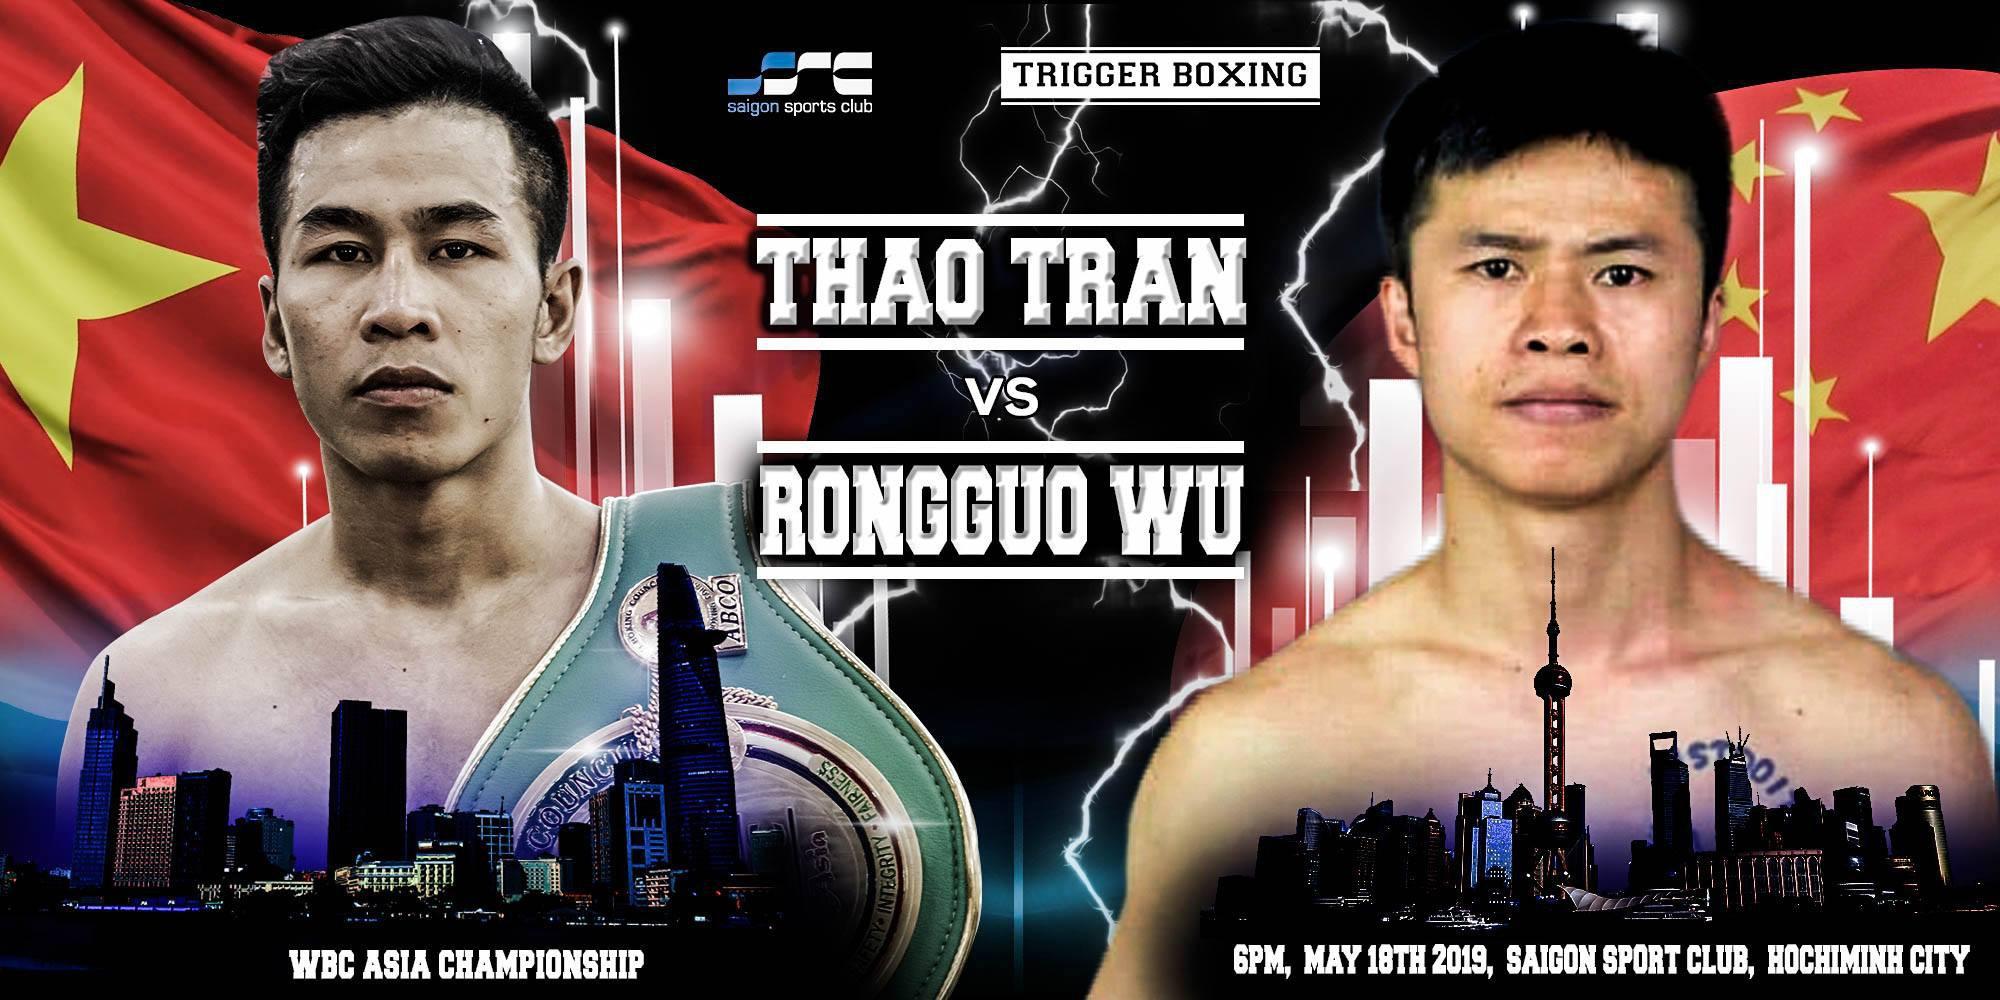 Nhà vô địch Trần Văn Thảo gặp tai nạn đáng tiếc, lỡ trận gặp đối thủ sừng sỏ người Trung Quốc - Ảnh 1.